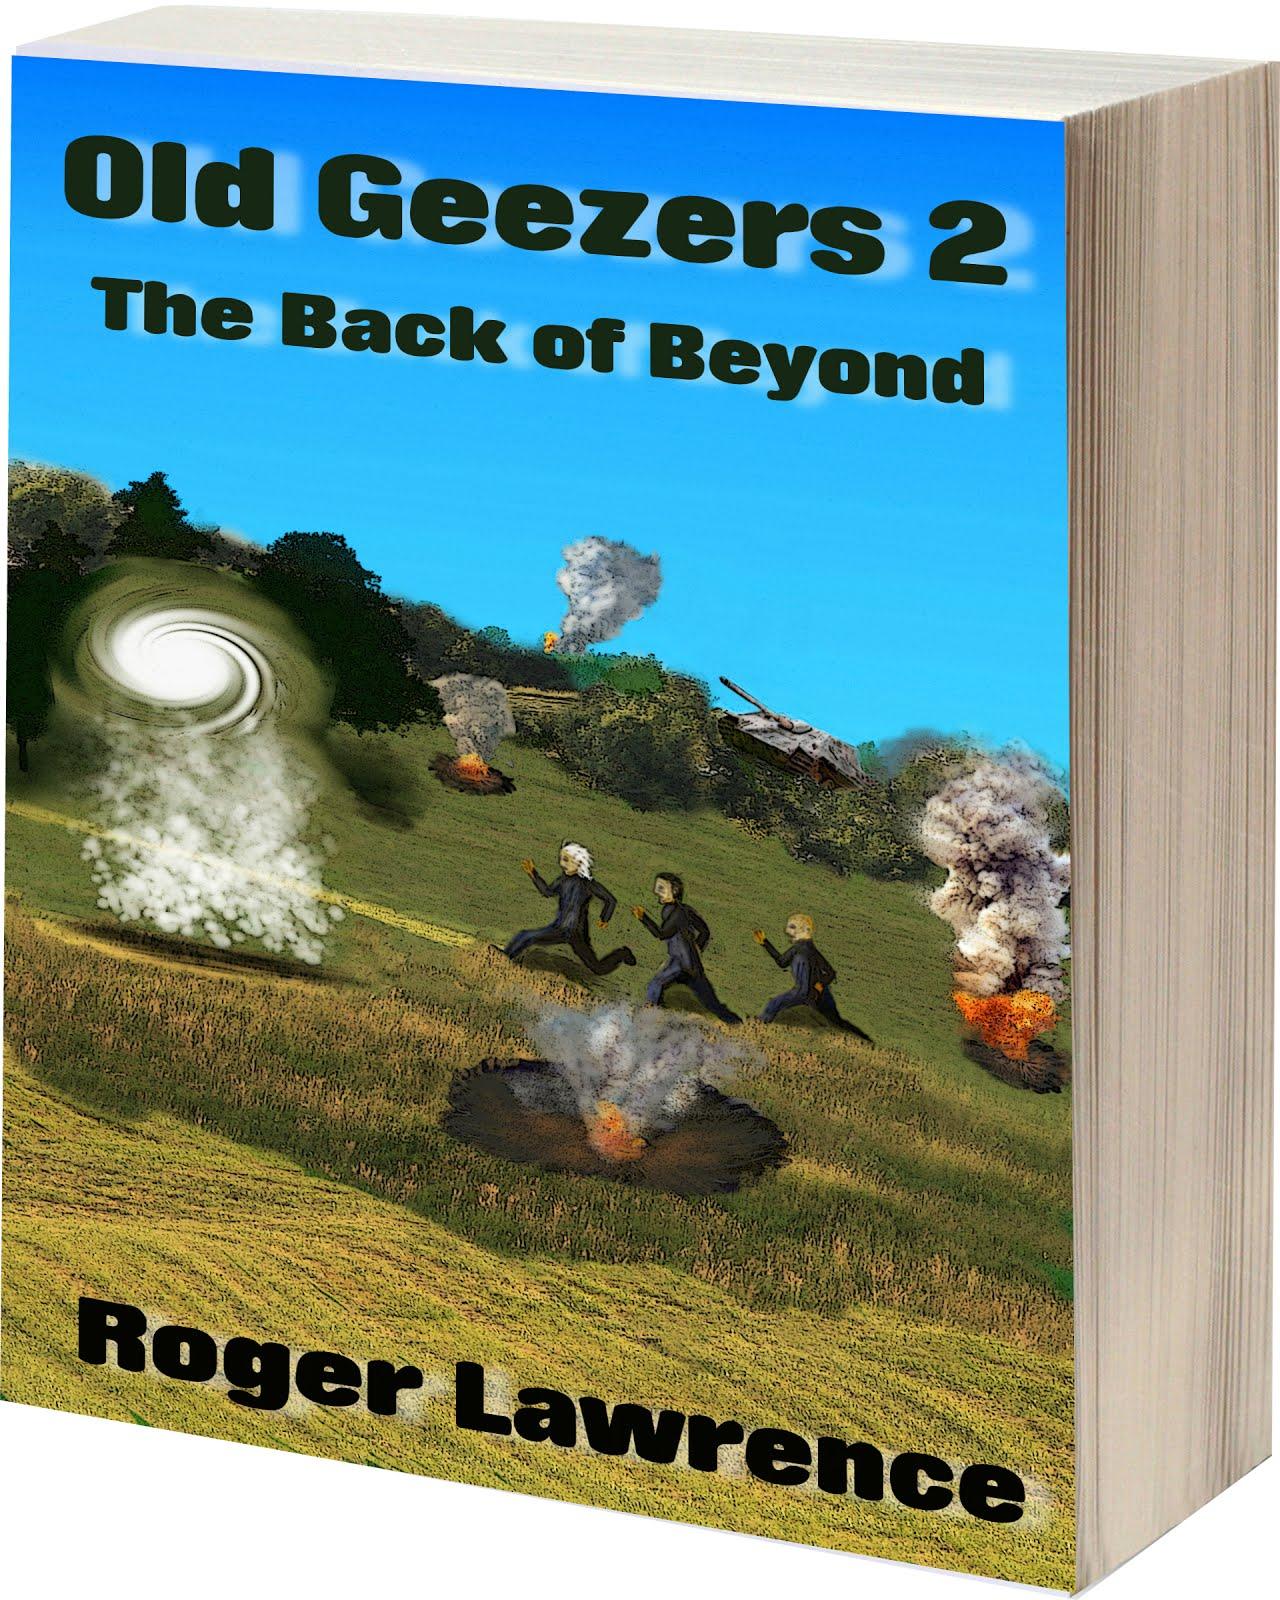 Old Geezers 2